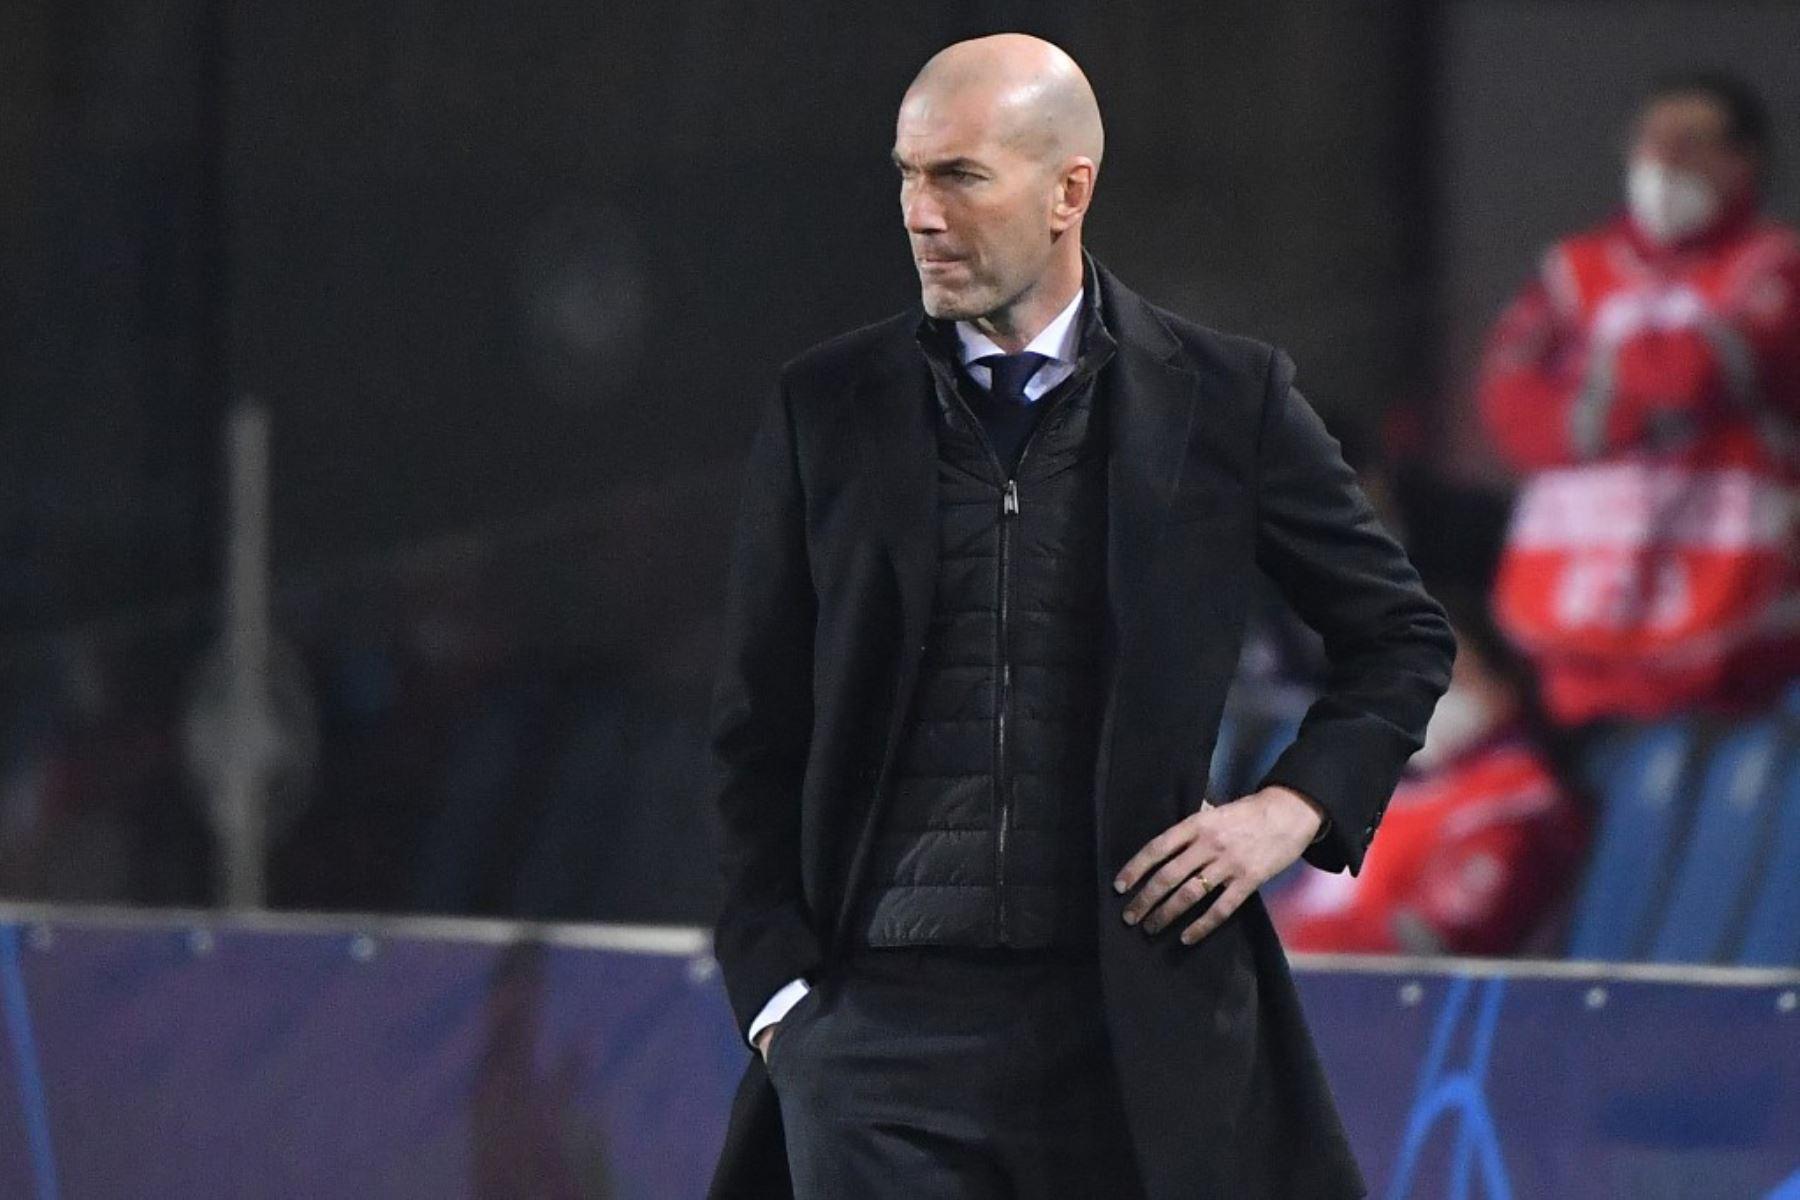 El entrenador francés del Real Madrid, Zinedine Zidane, mira durante el partido de ida de los octavos de final de la Liga de Campeones de la UEFA Atalanta vs Real Madrid  Foto:AFP